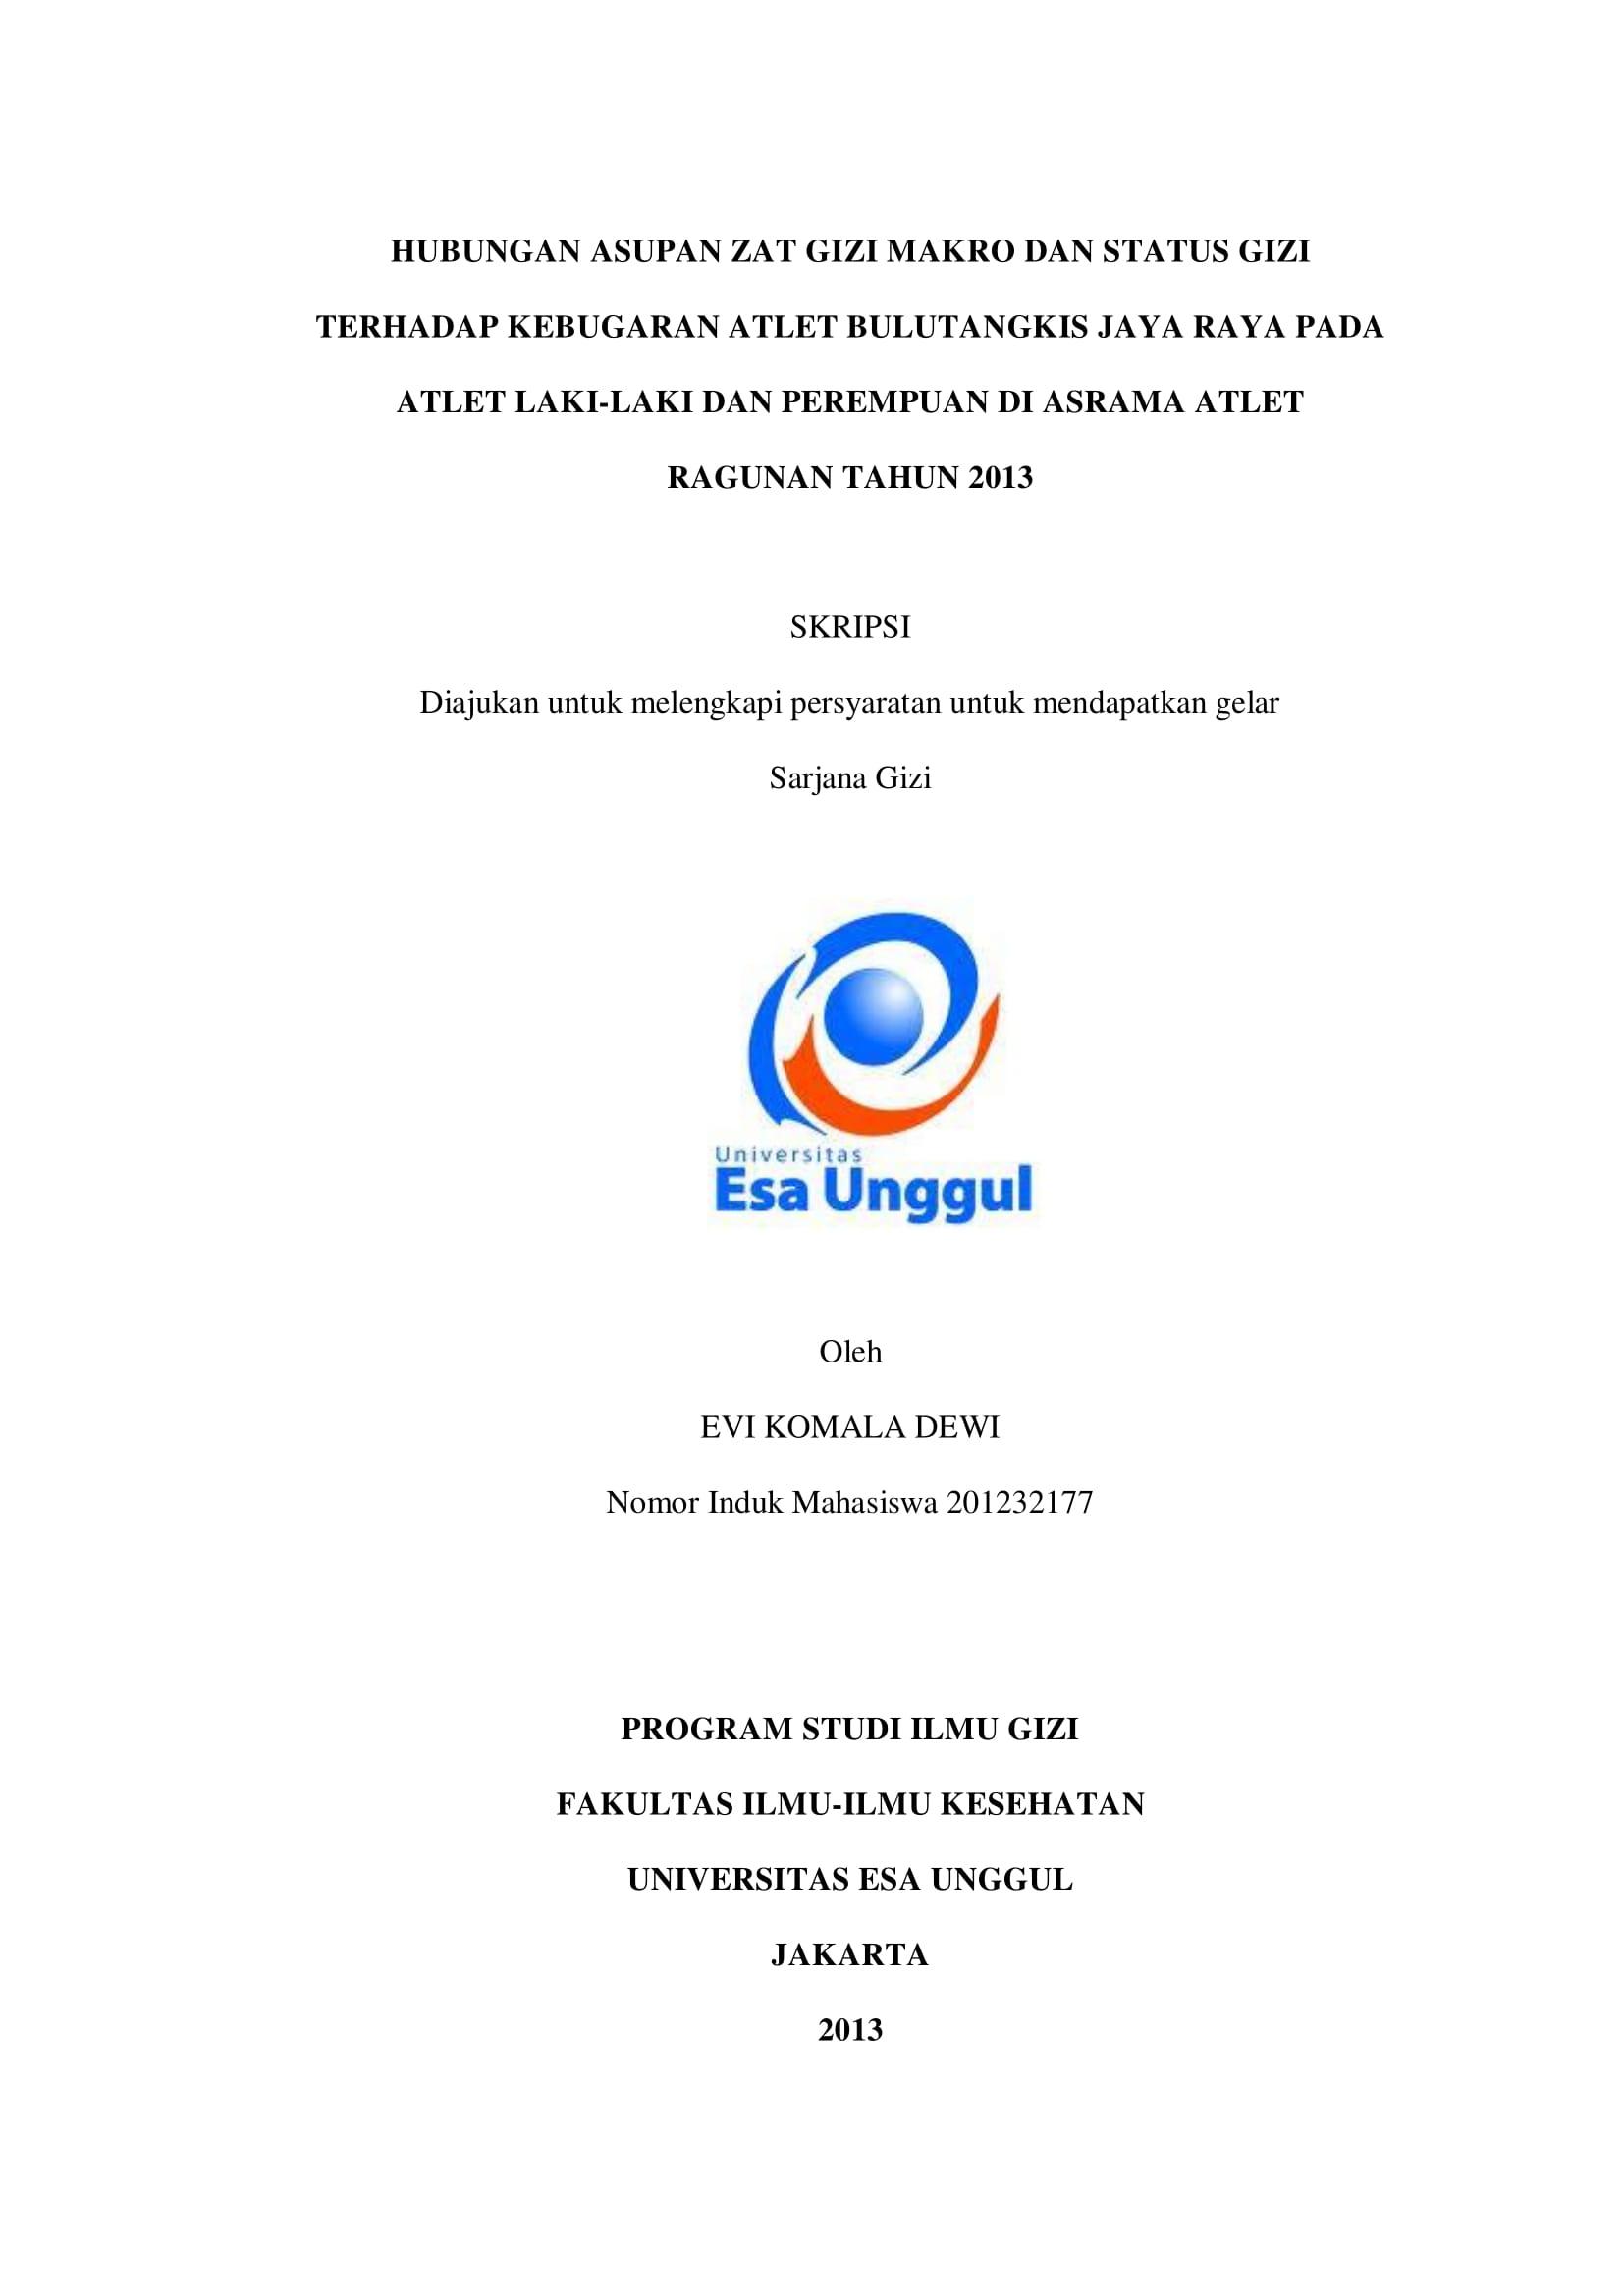 Hubungan Asupan Zat Gizi Makro dan Status Gizi Terhadap Kebugaran Atlet Bulutangkis Jaya Raya pada Atlet Laki-Laki dan Perempuan di Asrama Atlet Ragunan Tahun 2013